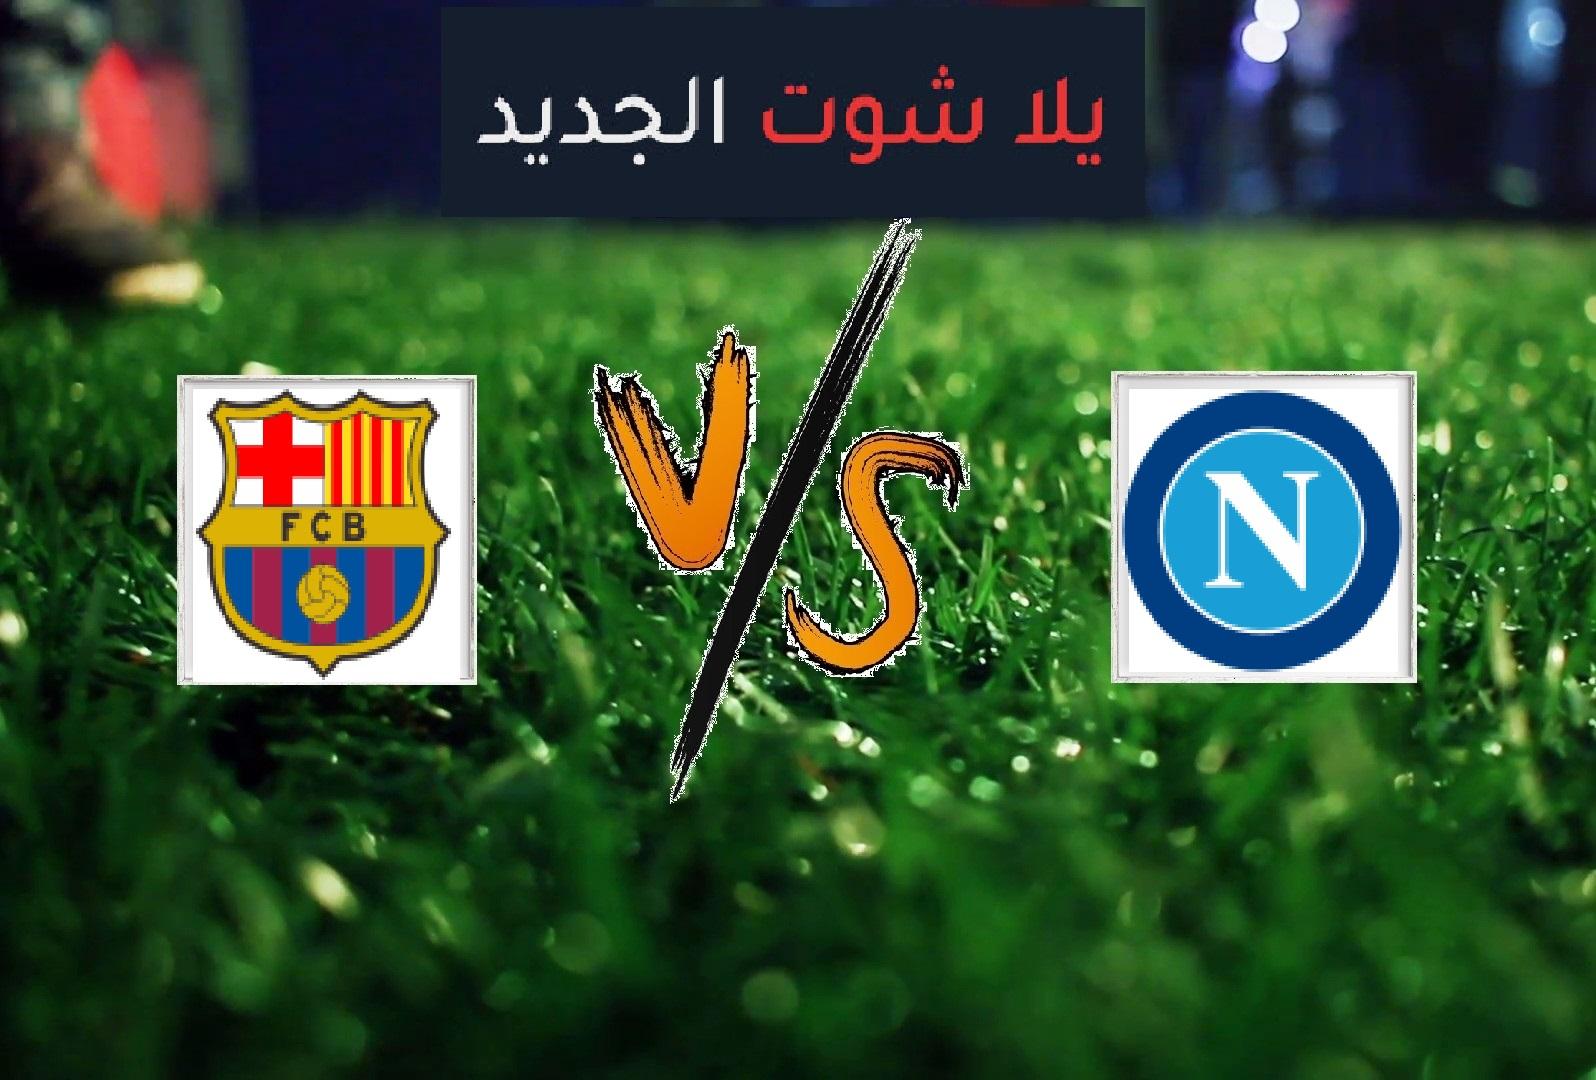 نتيجة مباراة نابولي وبرشلونة بتاريخ 25-02-2020 دوري أبطال أوروبا